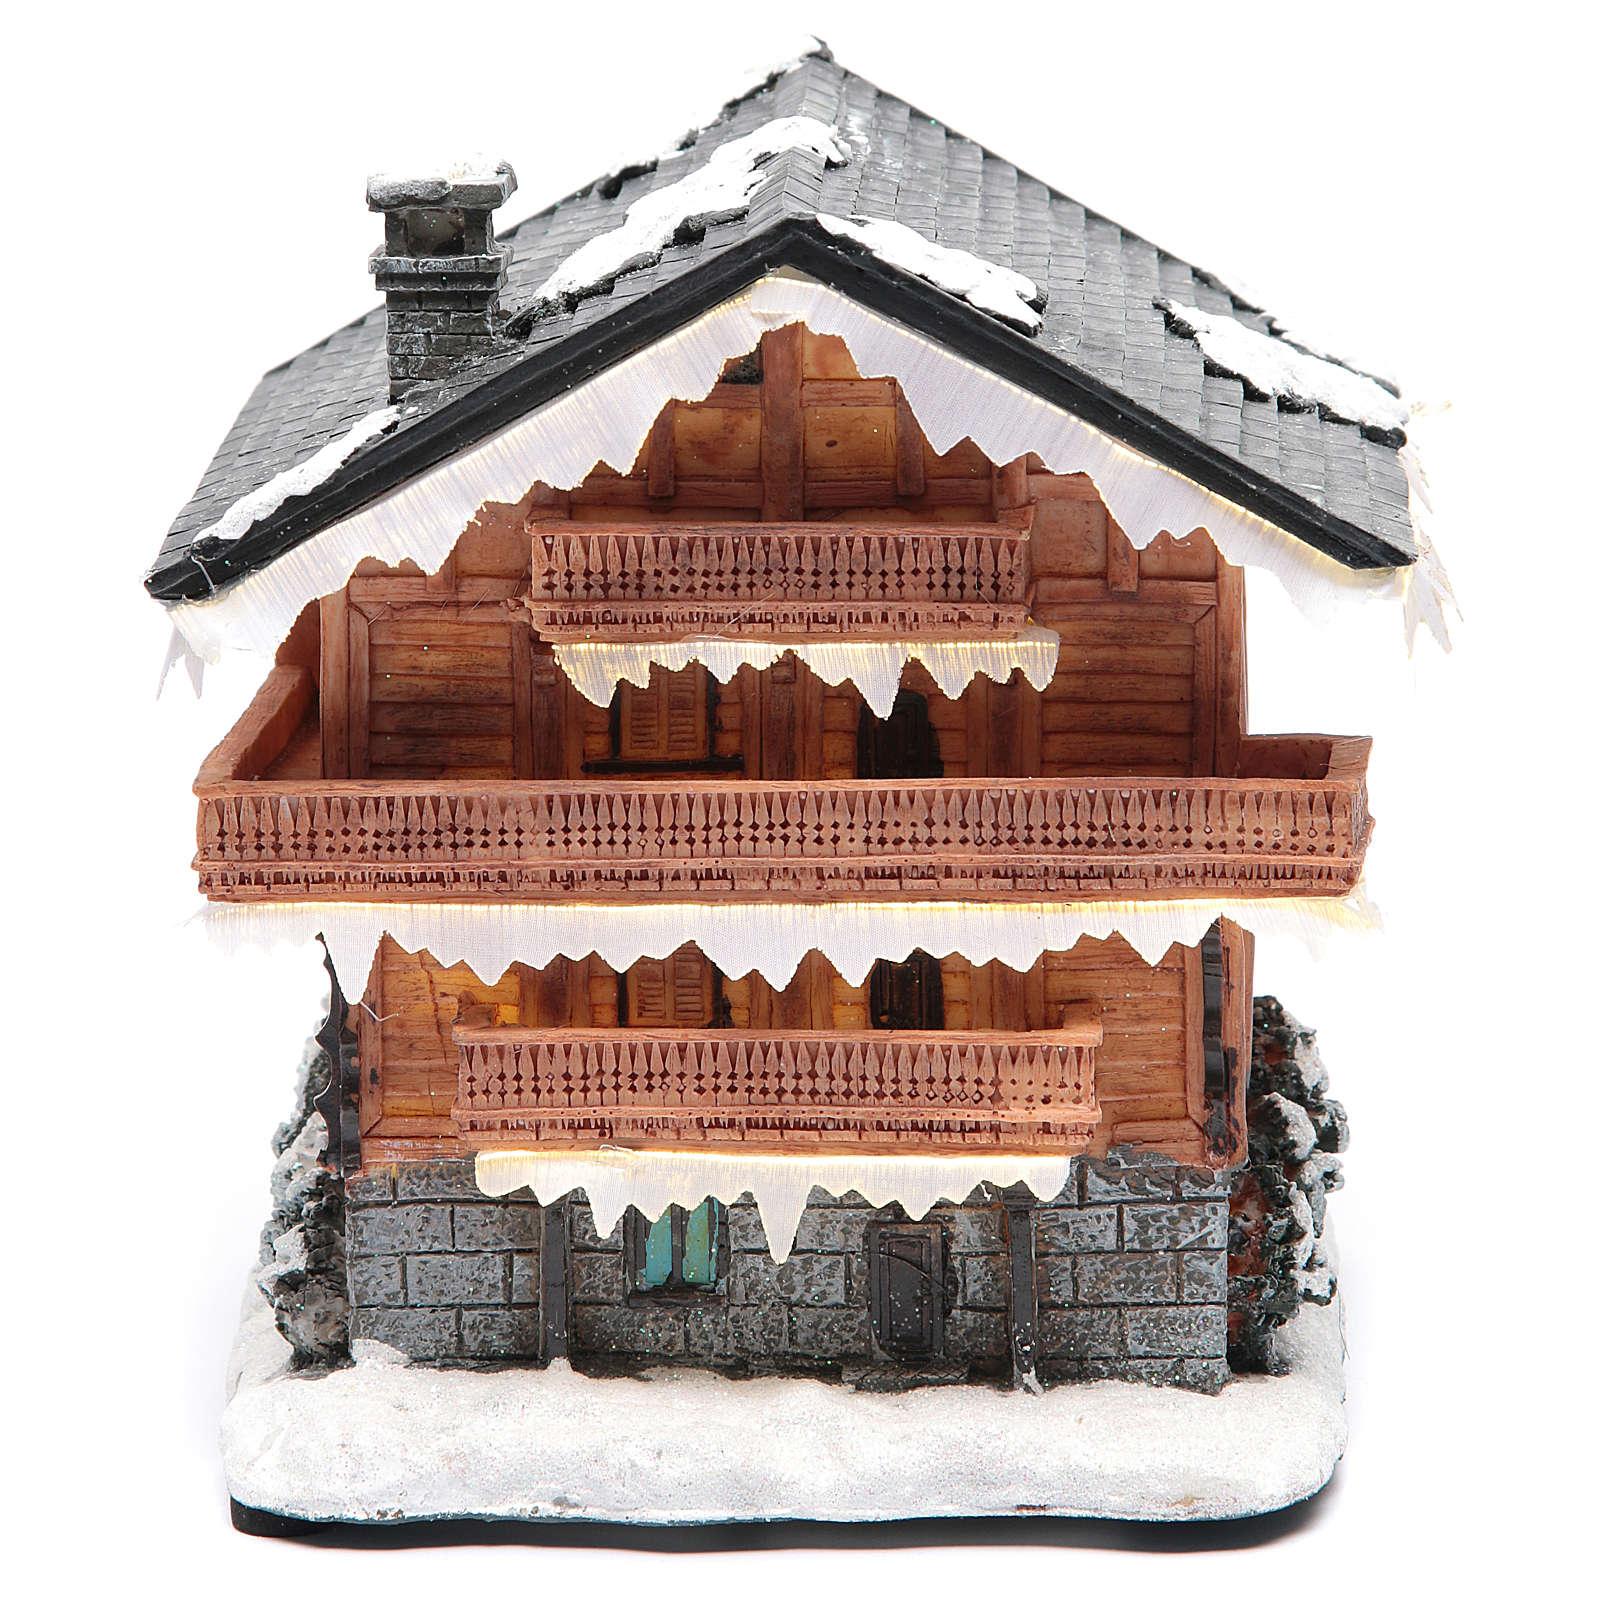 Chalet villaggio natalizio 20x20x20 cm 3